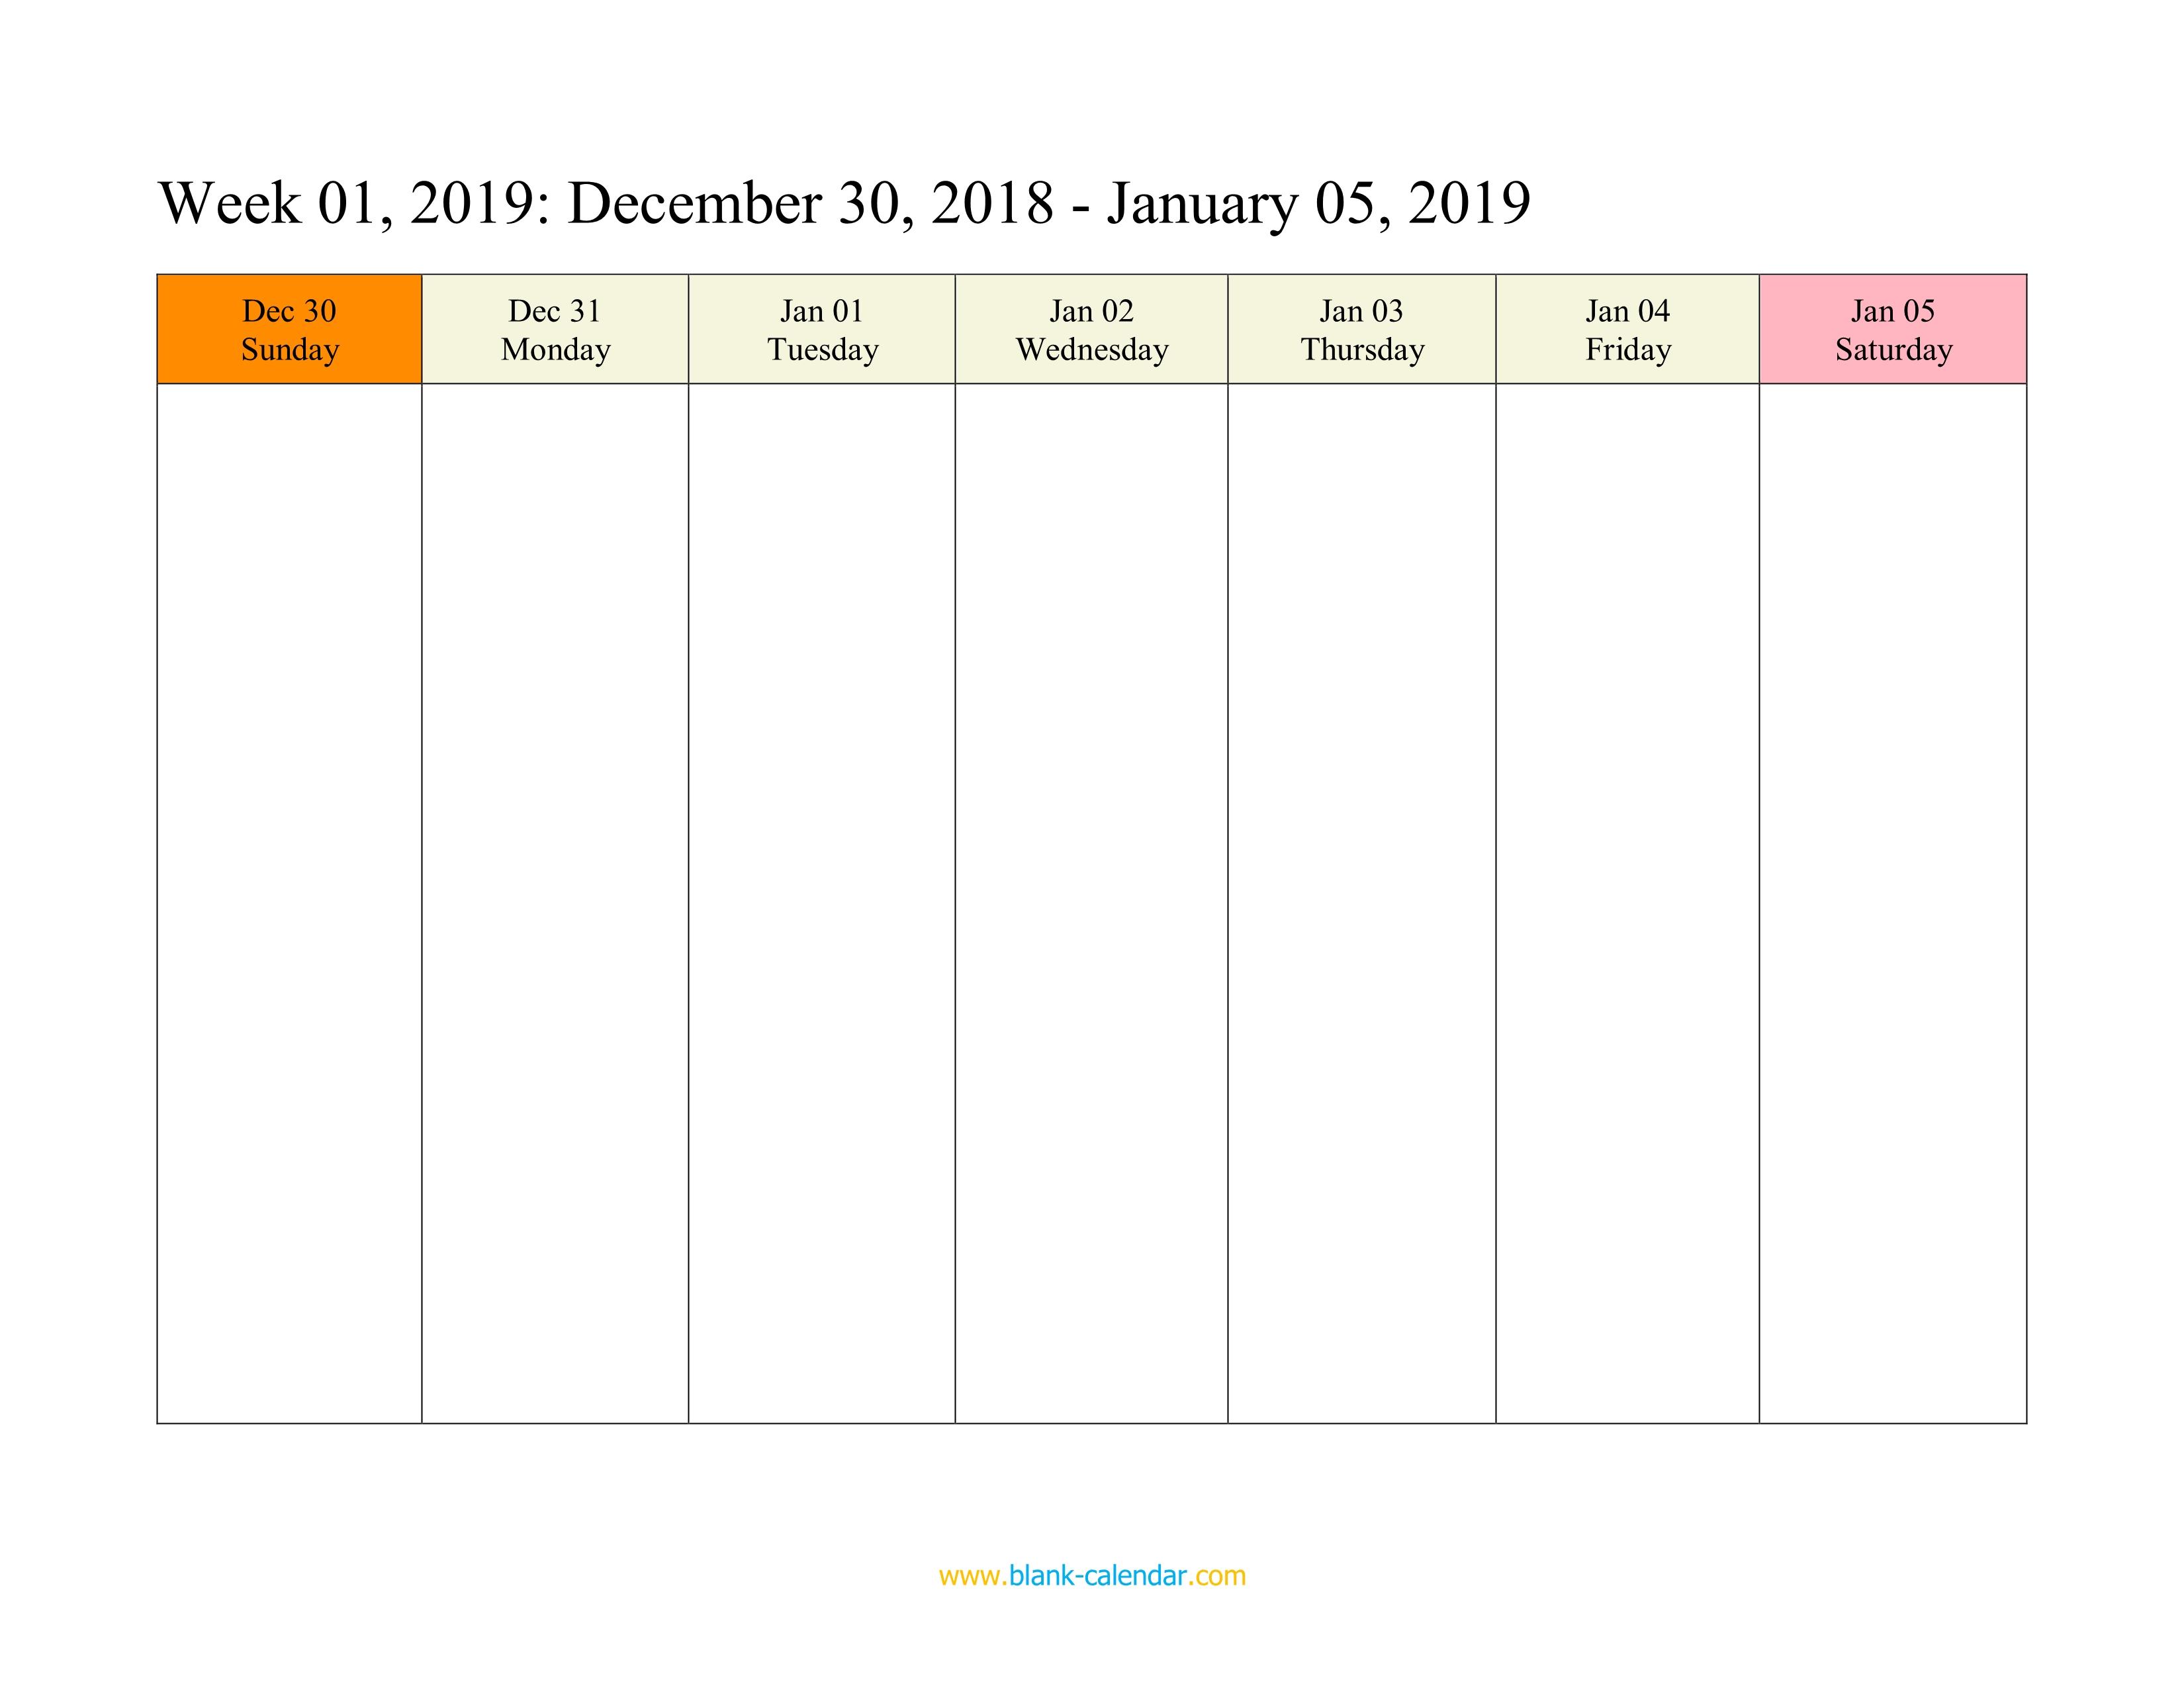 Weekly Calendar 2019 (Word, Excel, Pdf) with One Week Blank Calendar Printable